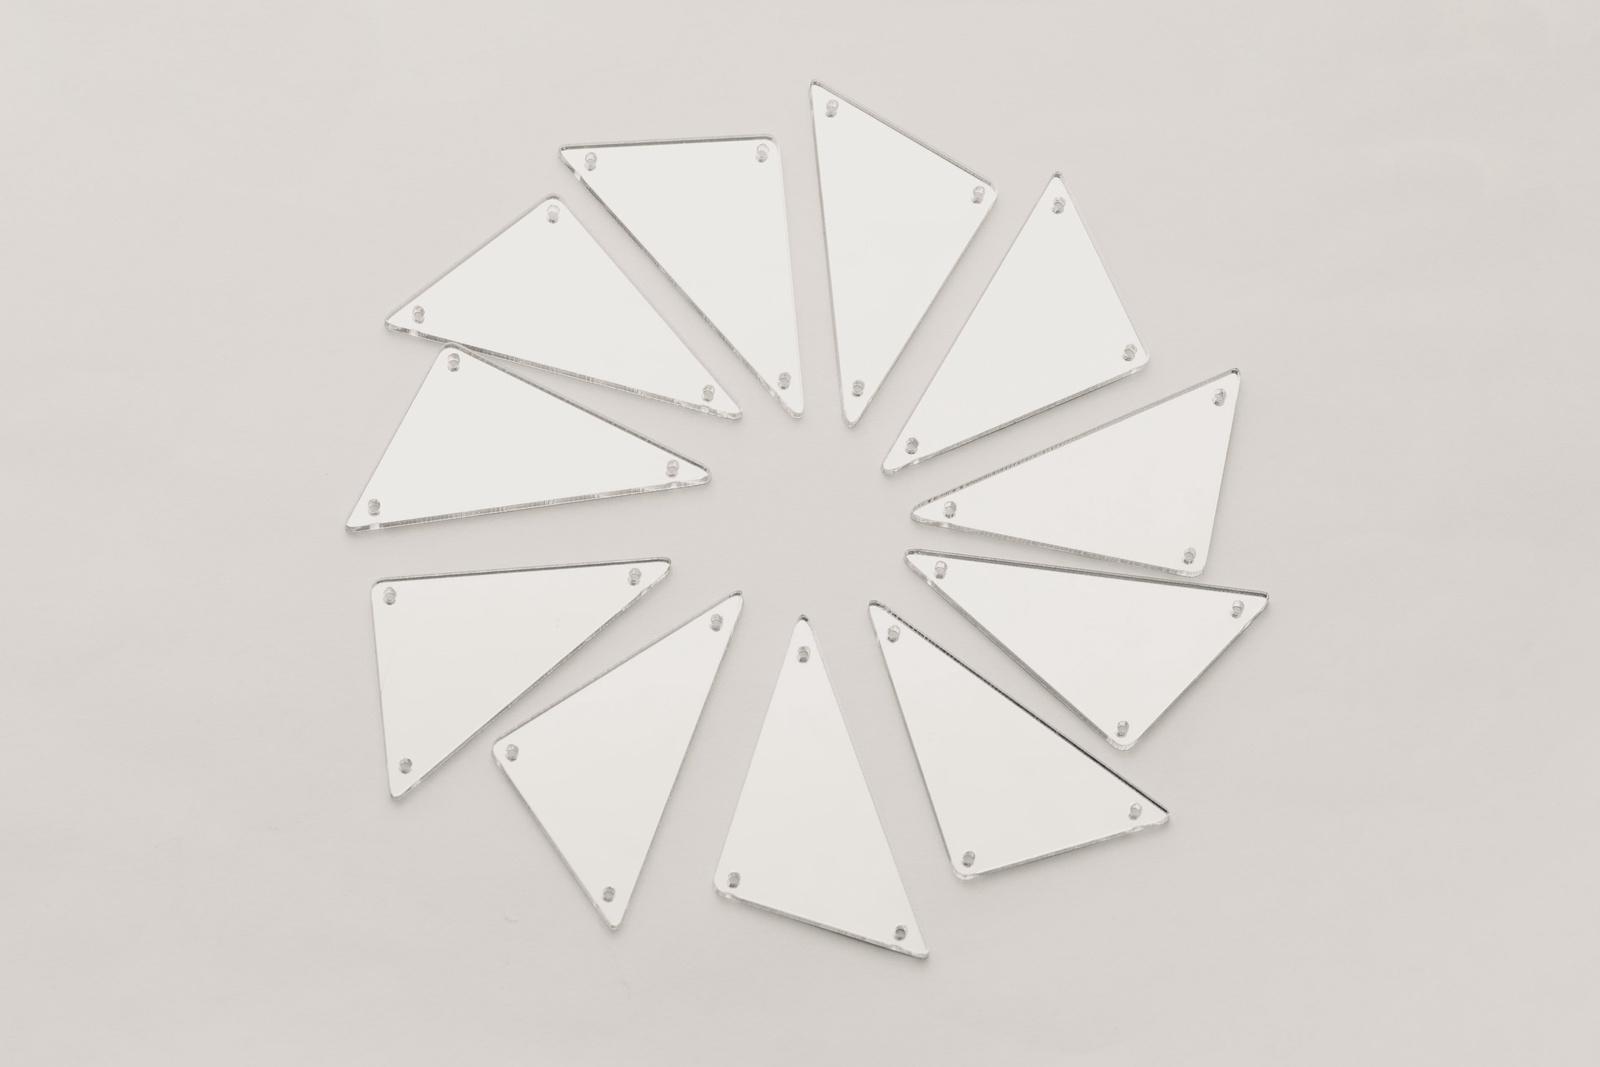 CASP Lase ТРЕ3025 Комплект акриловых пришивных зеркал/страз Треугольник 30х25